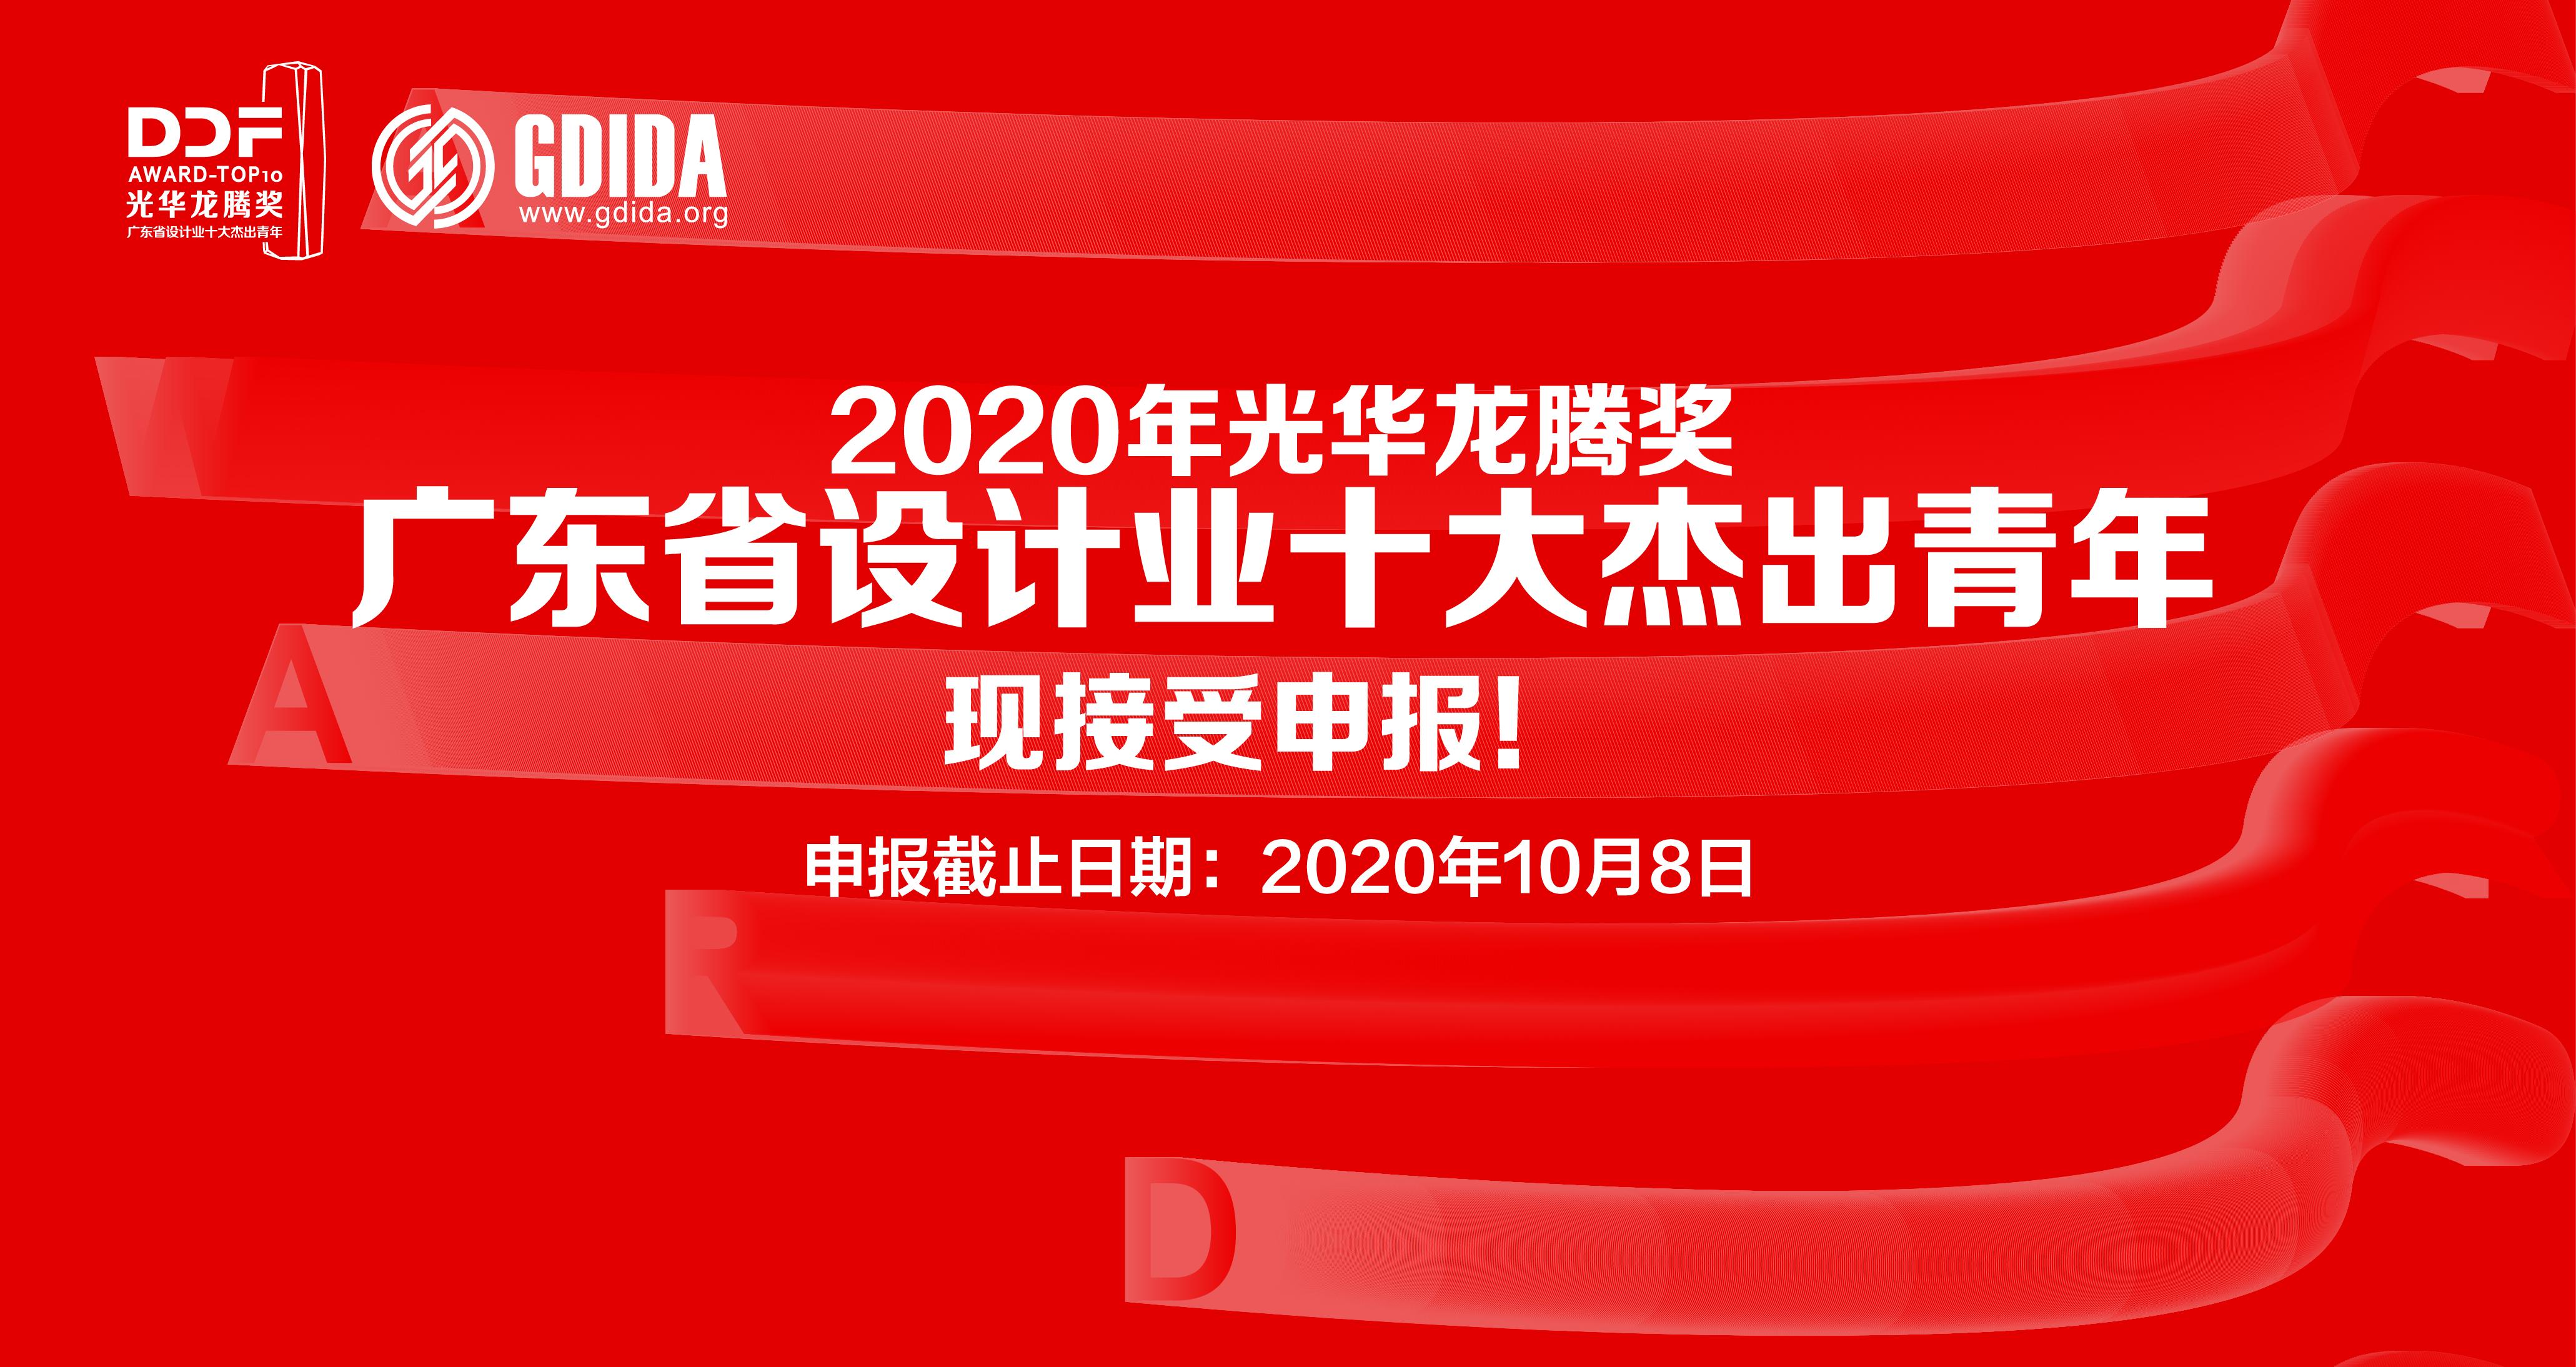 """2020年度""""光华龙腾奖·广东省设计业十大杰出青年""""开始申报!"""